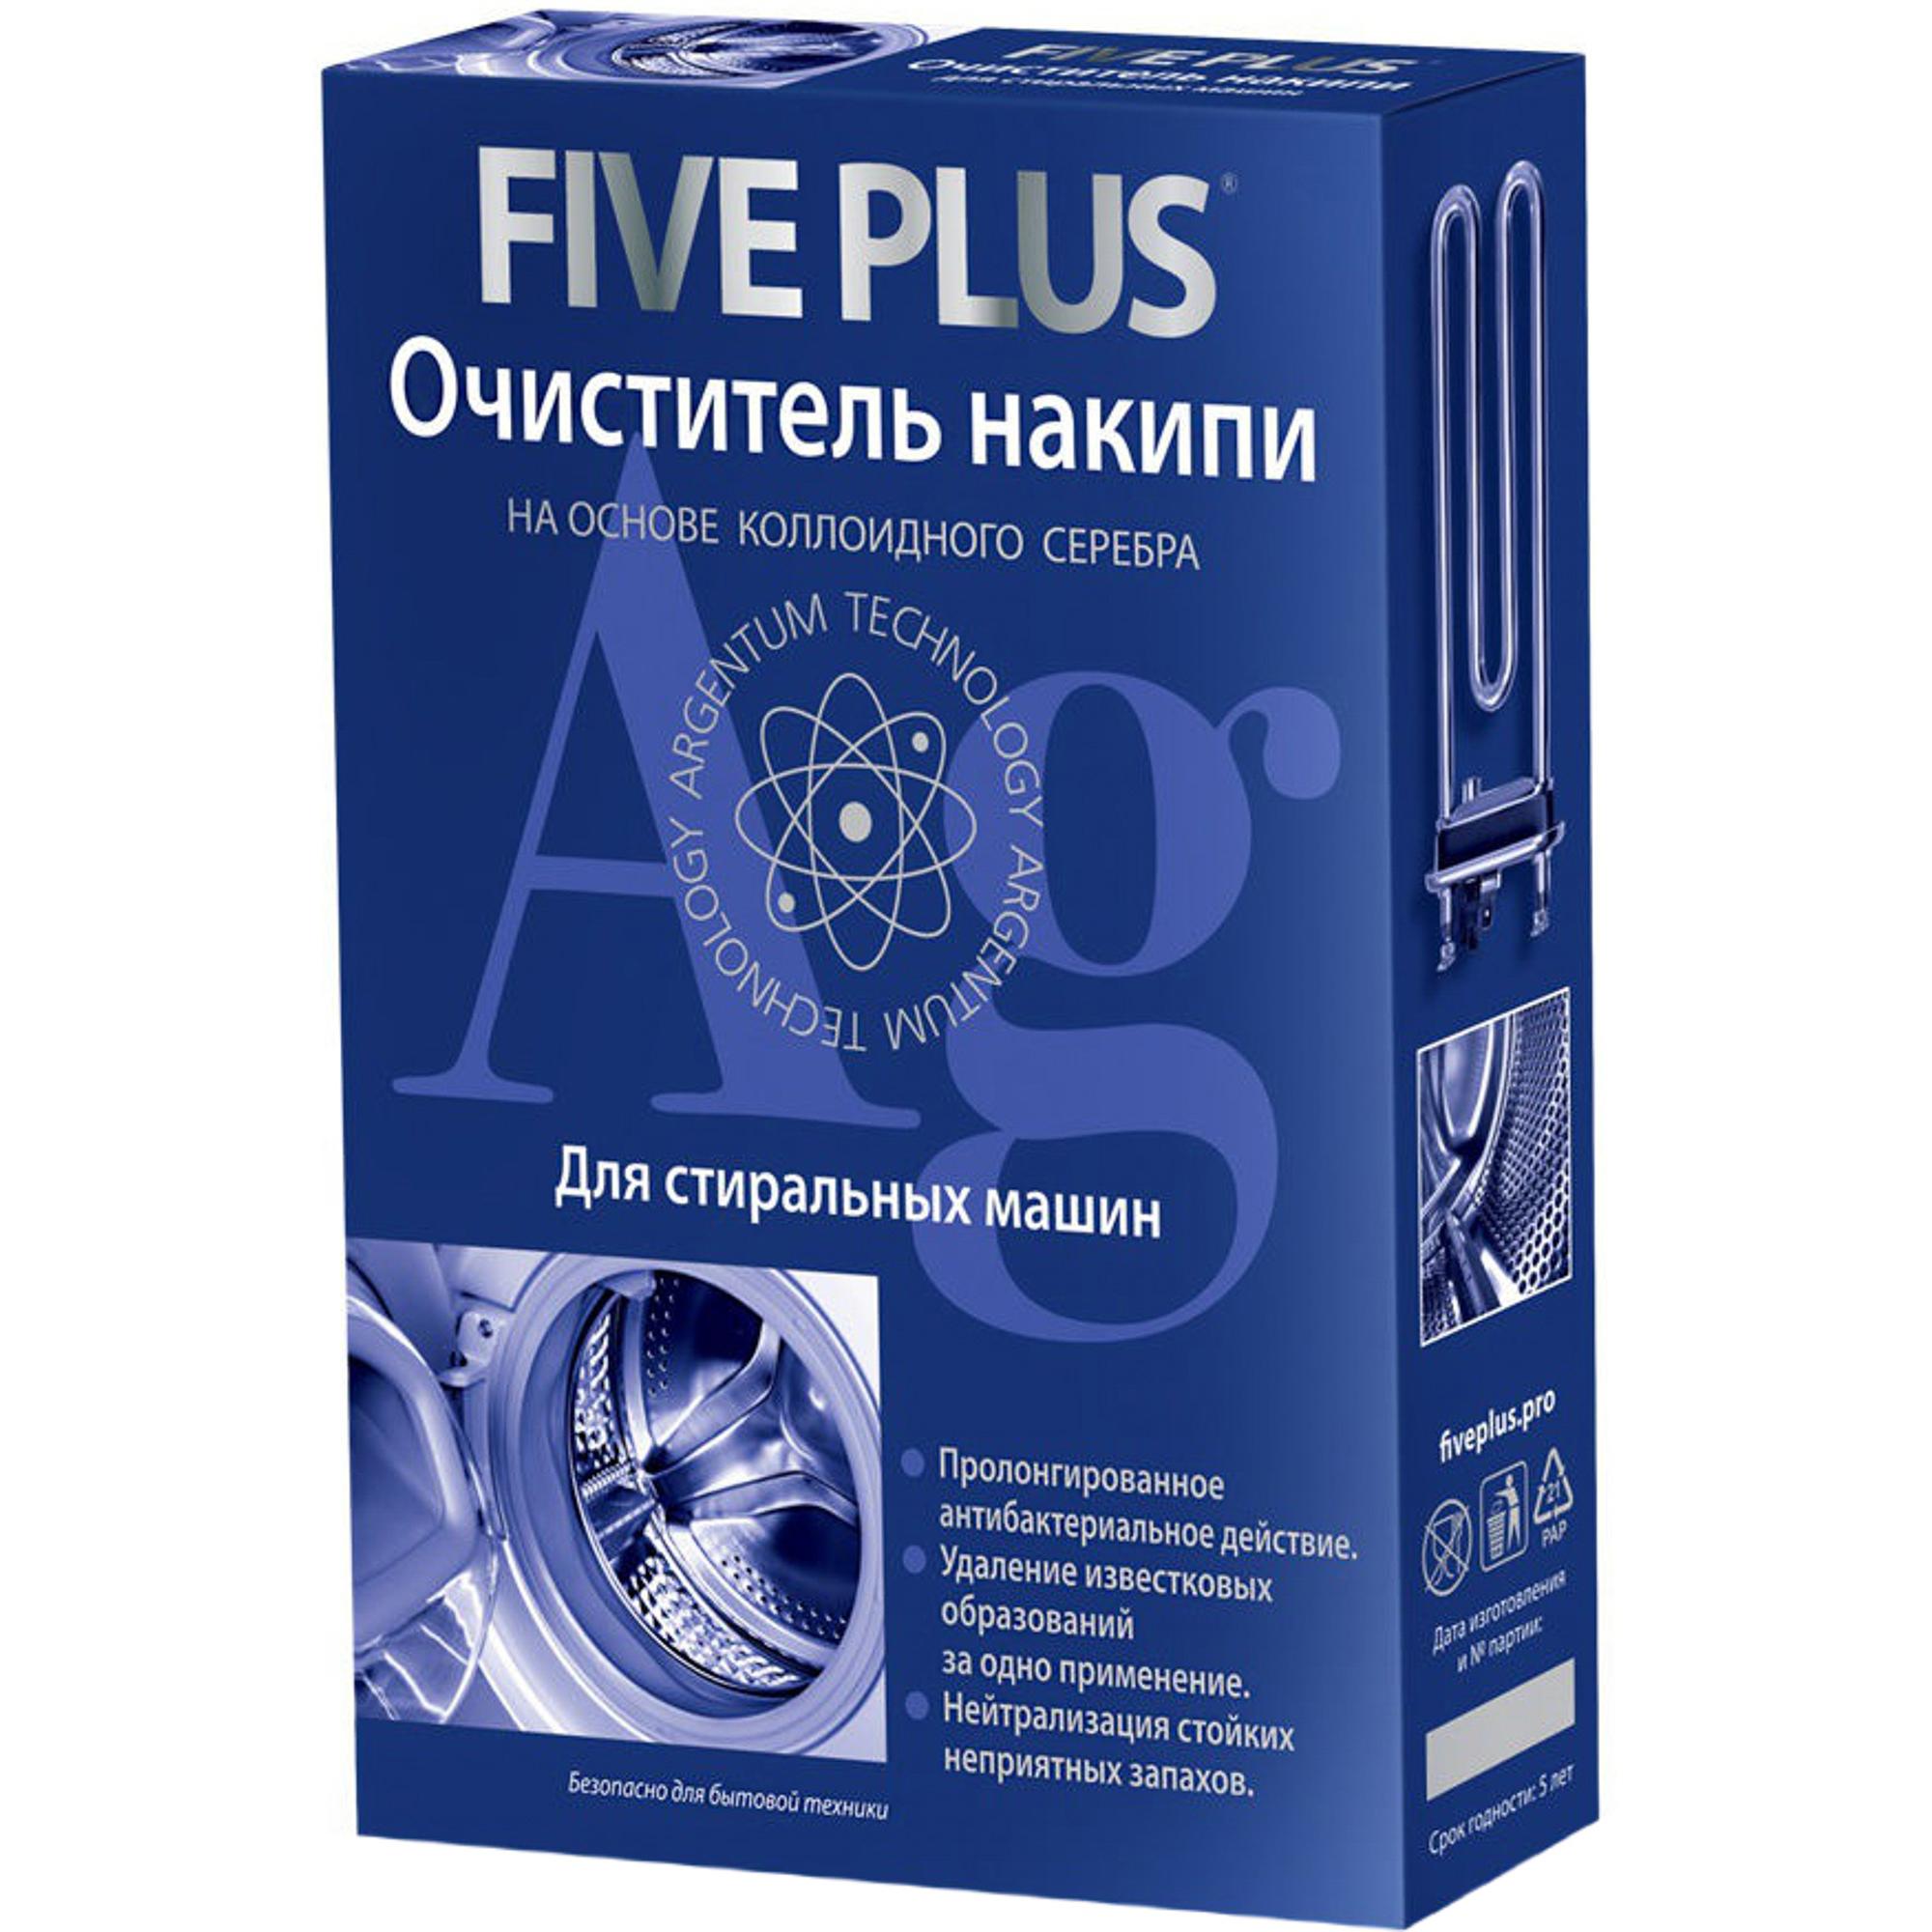 Средство Five Plus от накипи в стиральной машине 500 г.